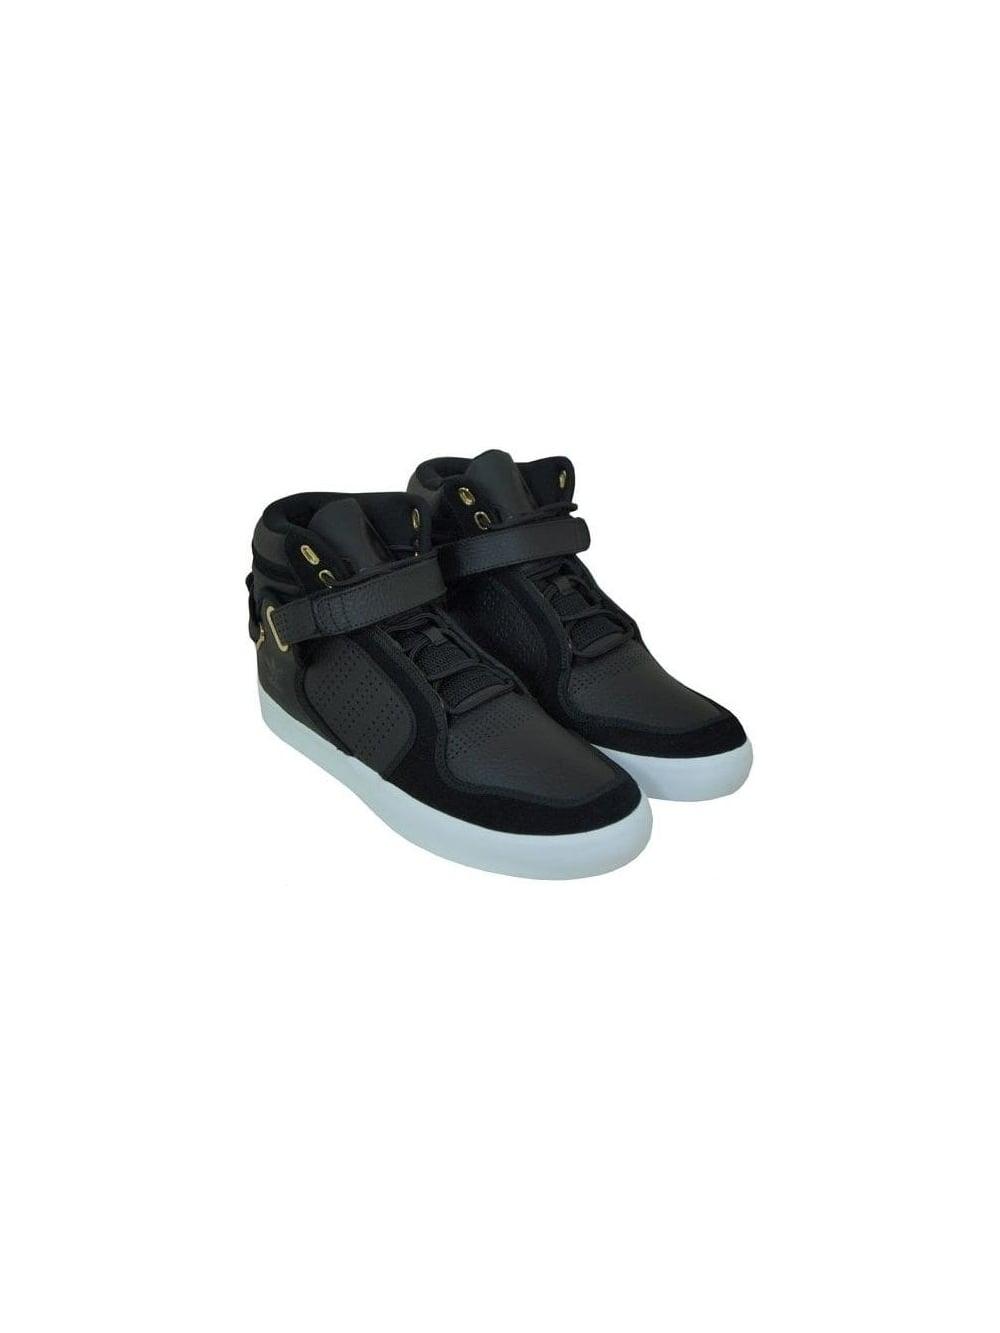 Adidas Originals Adirise Mid Trainers in Black - Shop Adidas ... df0c542fc